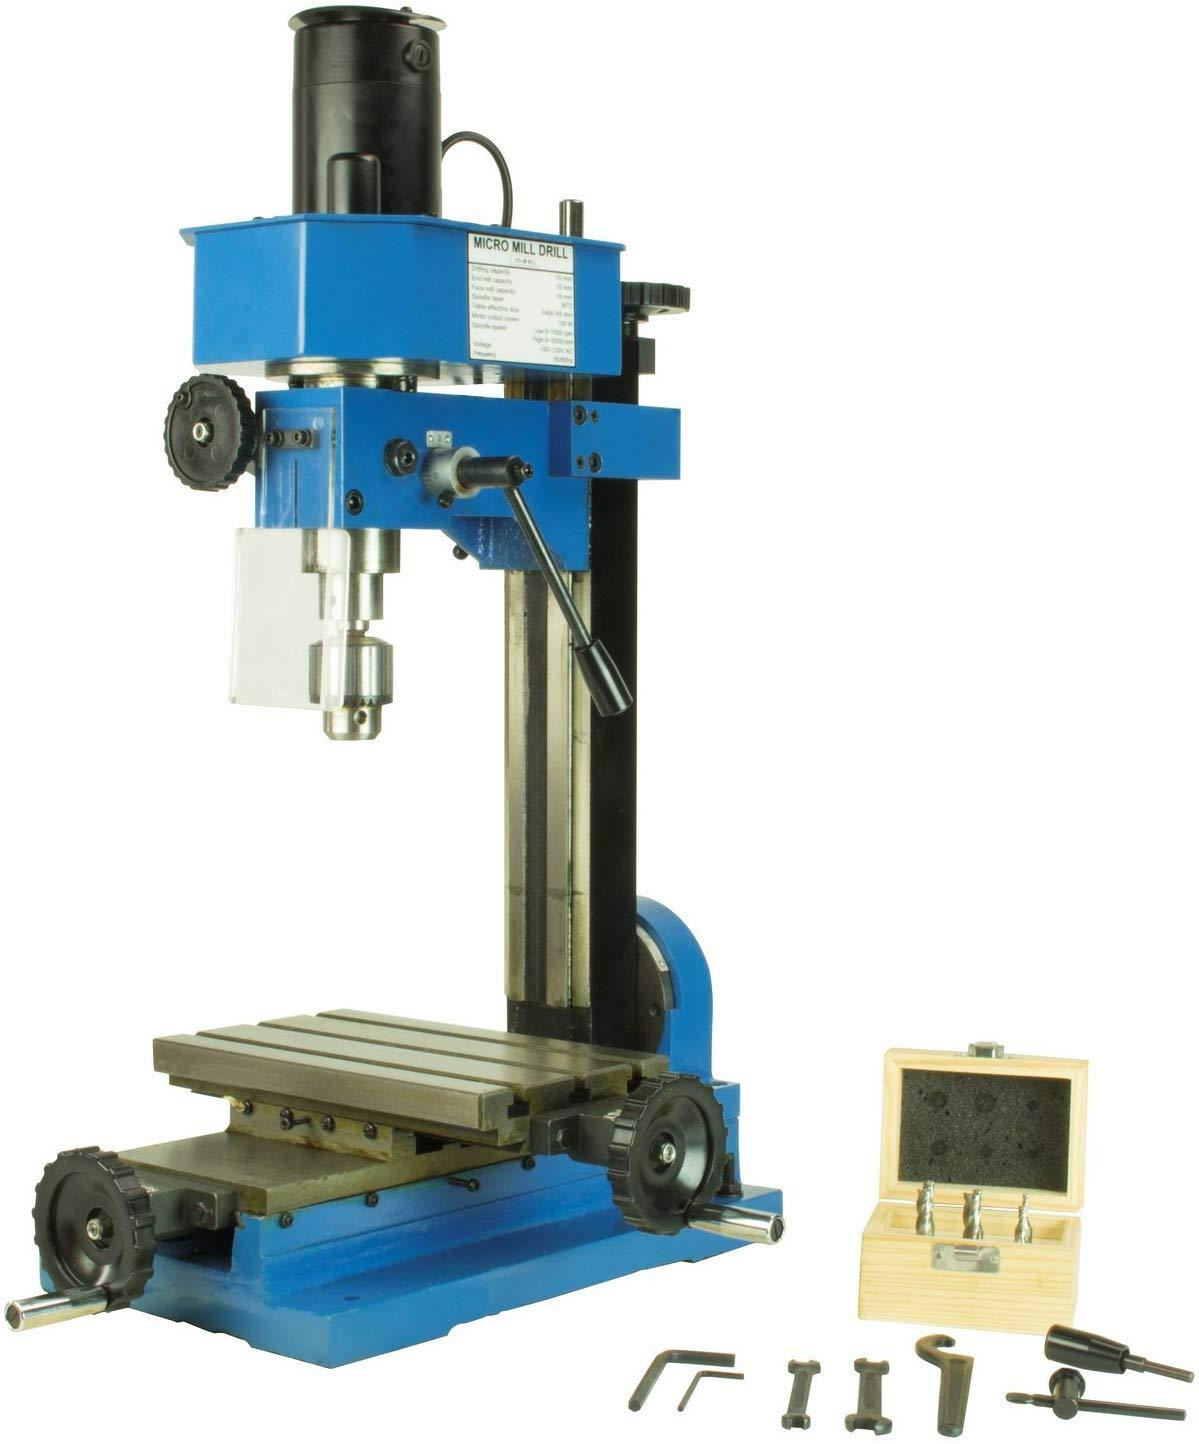 Erie Tools Mini Milling Machine